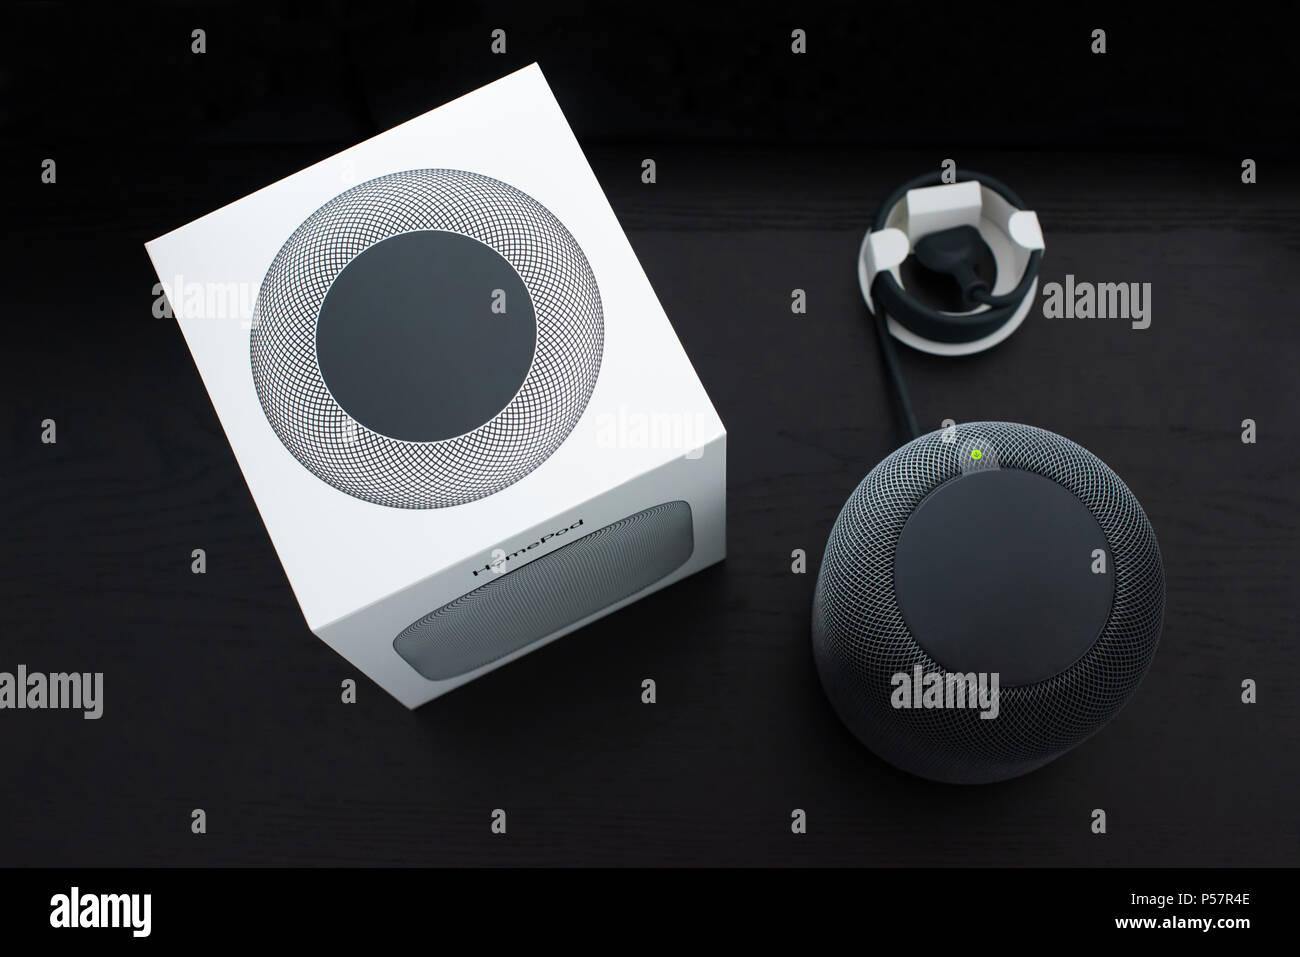 Unboxing an Apple HomePod speaker - Stock Image